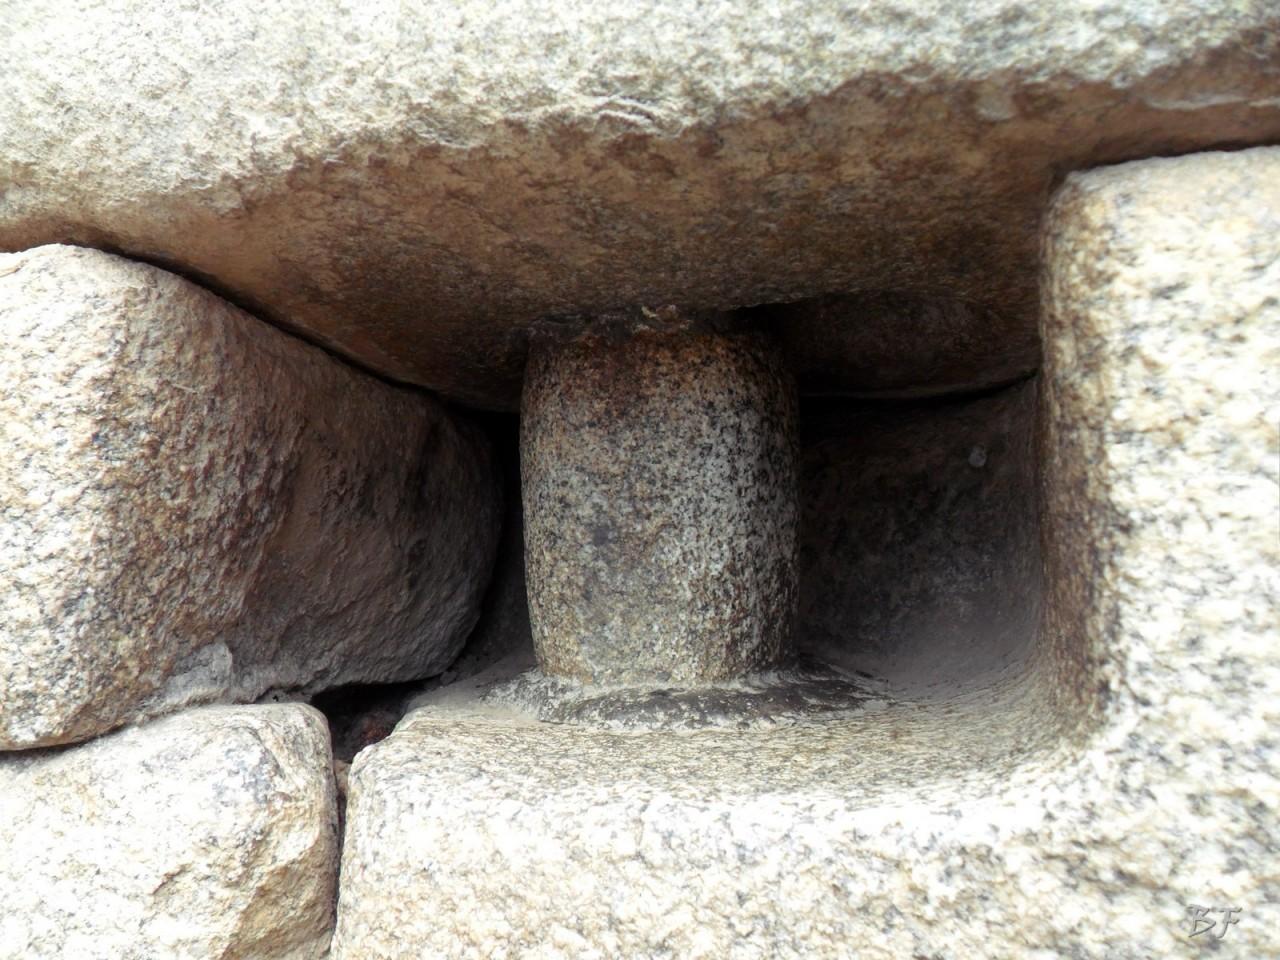 Mura-Poligonali-Incisioni-Altari-Edifici-Rupestri-Megaliti-Machu-Picchu-Aguas-Calientes-Urubamba-Cusco-Perù-79